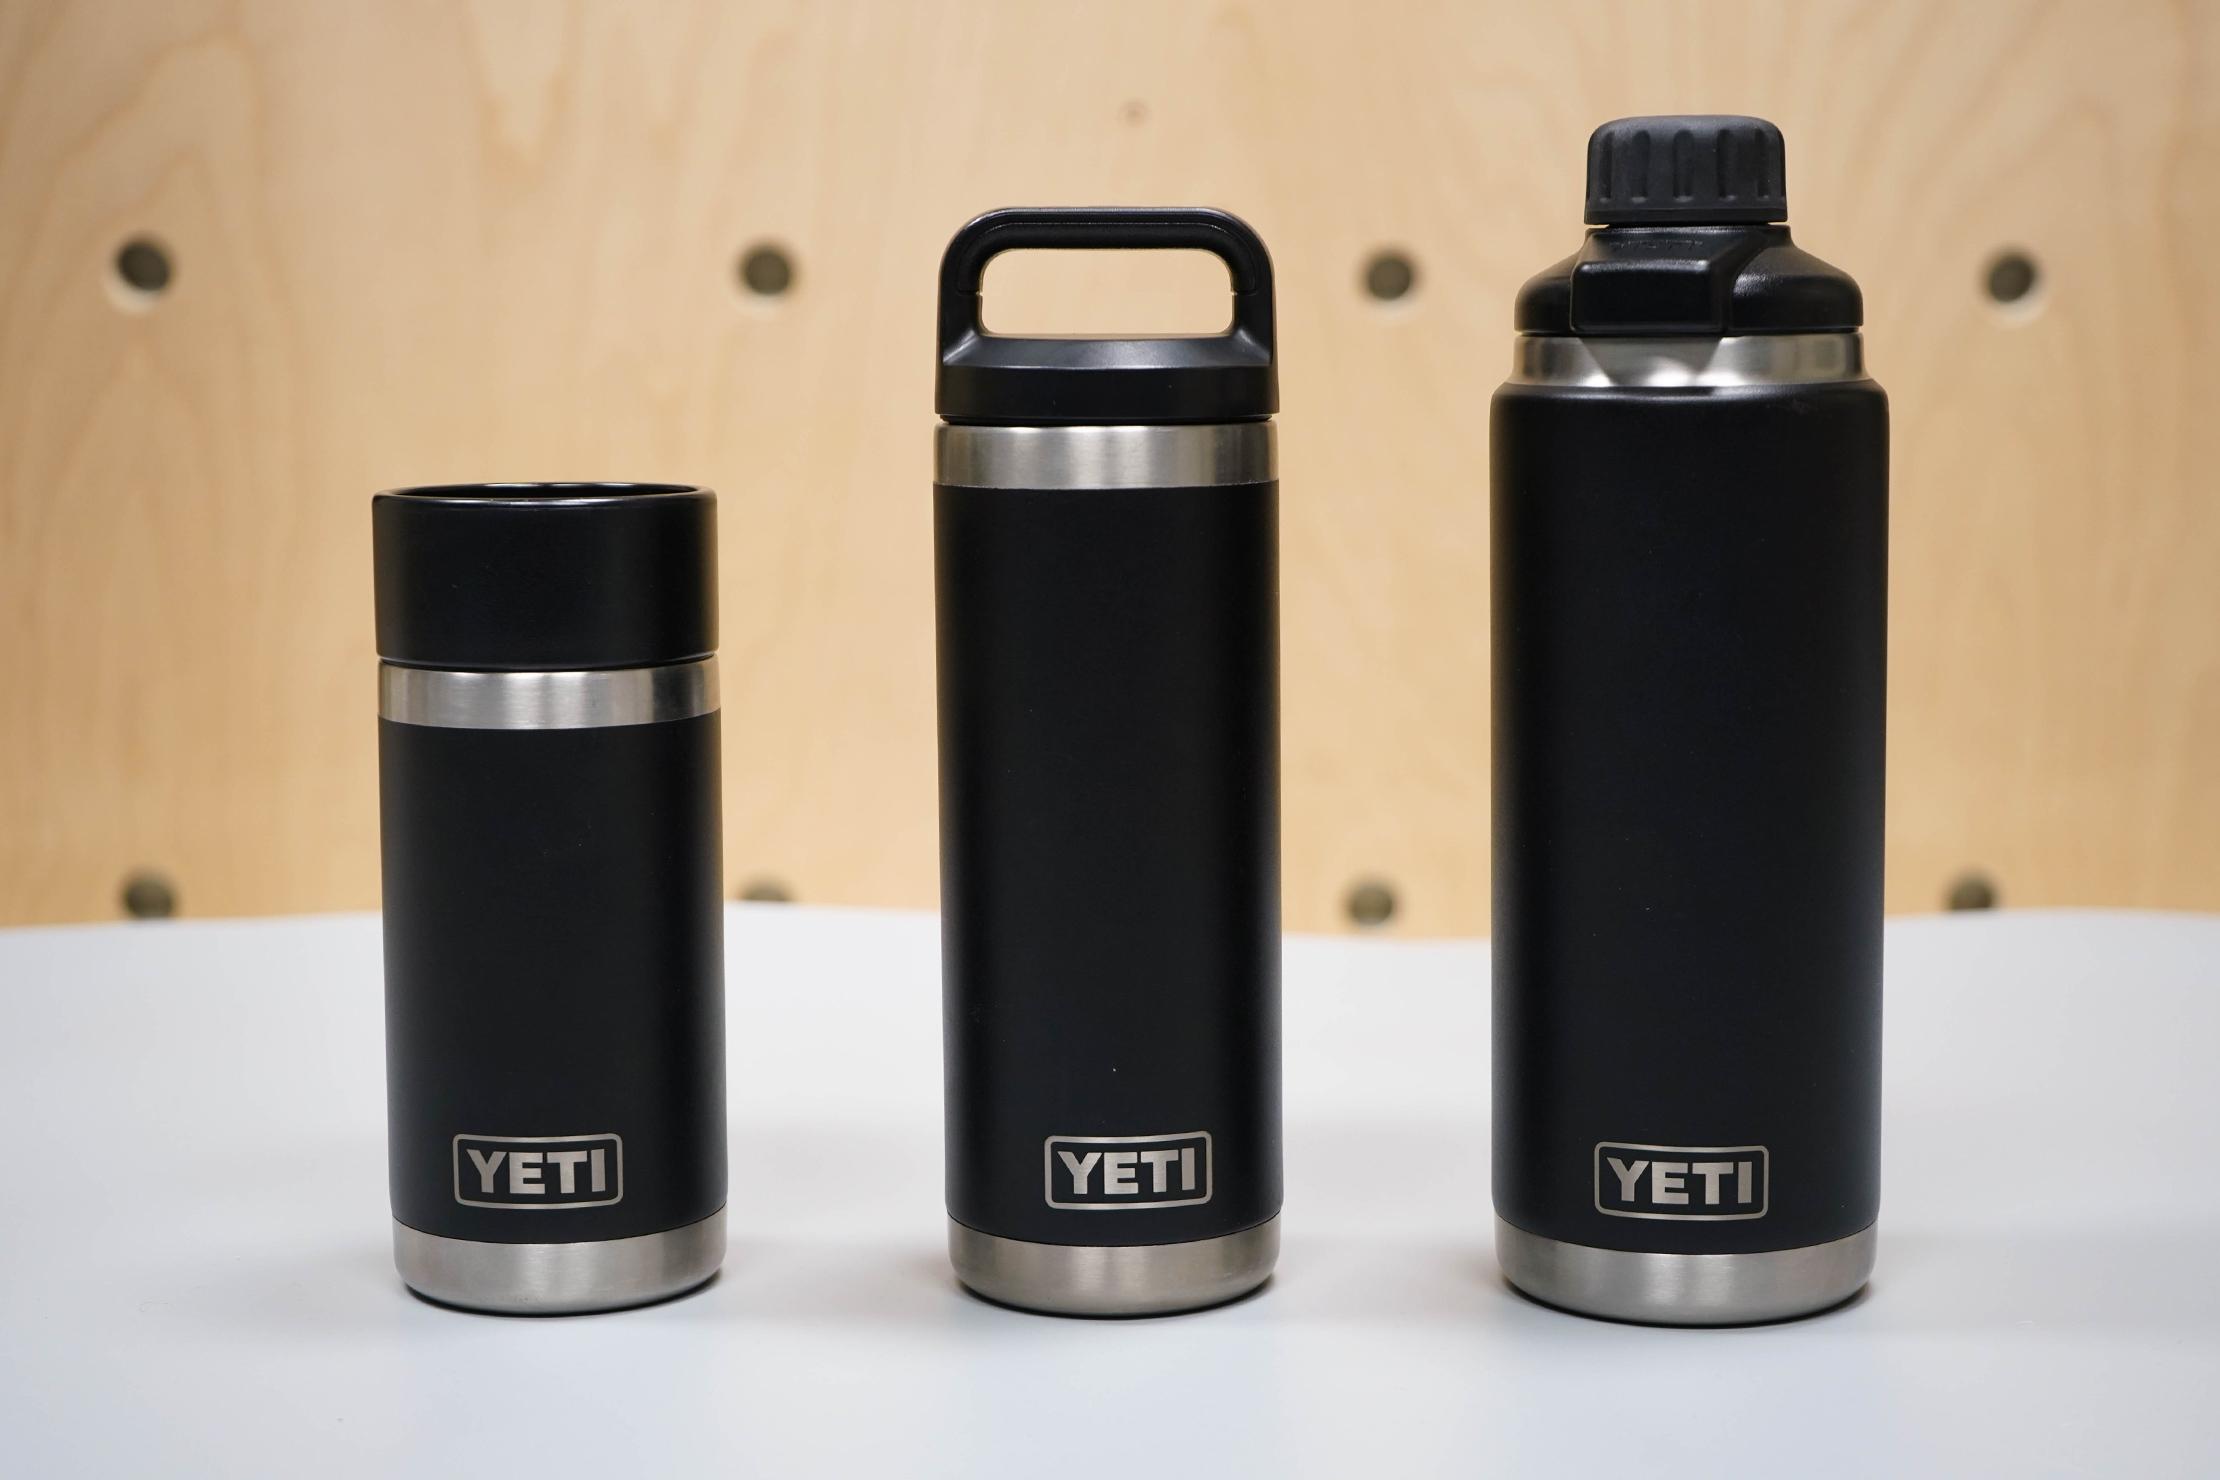 Yeti Rambler 12oz Bottle With HotShot Cap Yeti Sizes